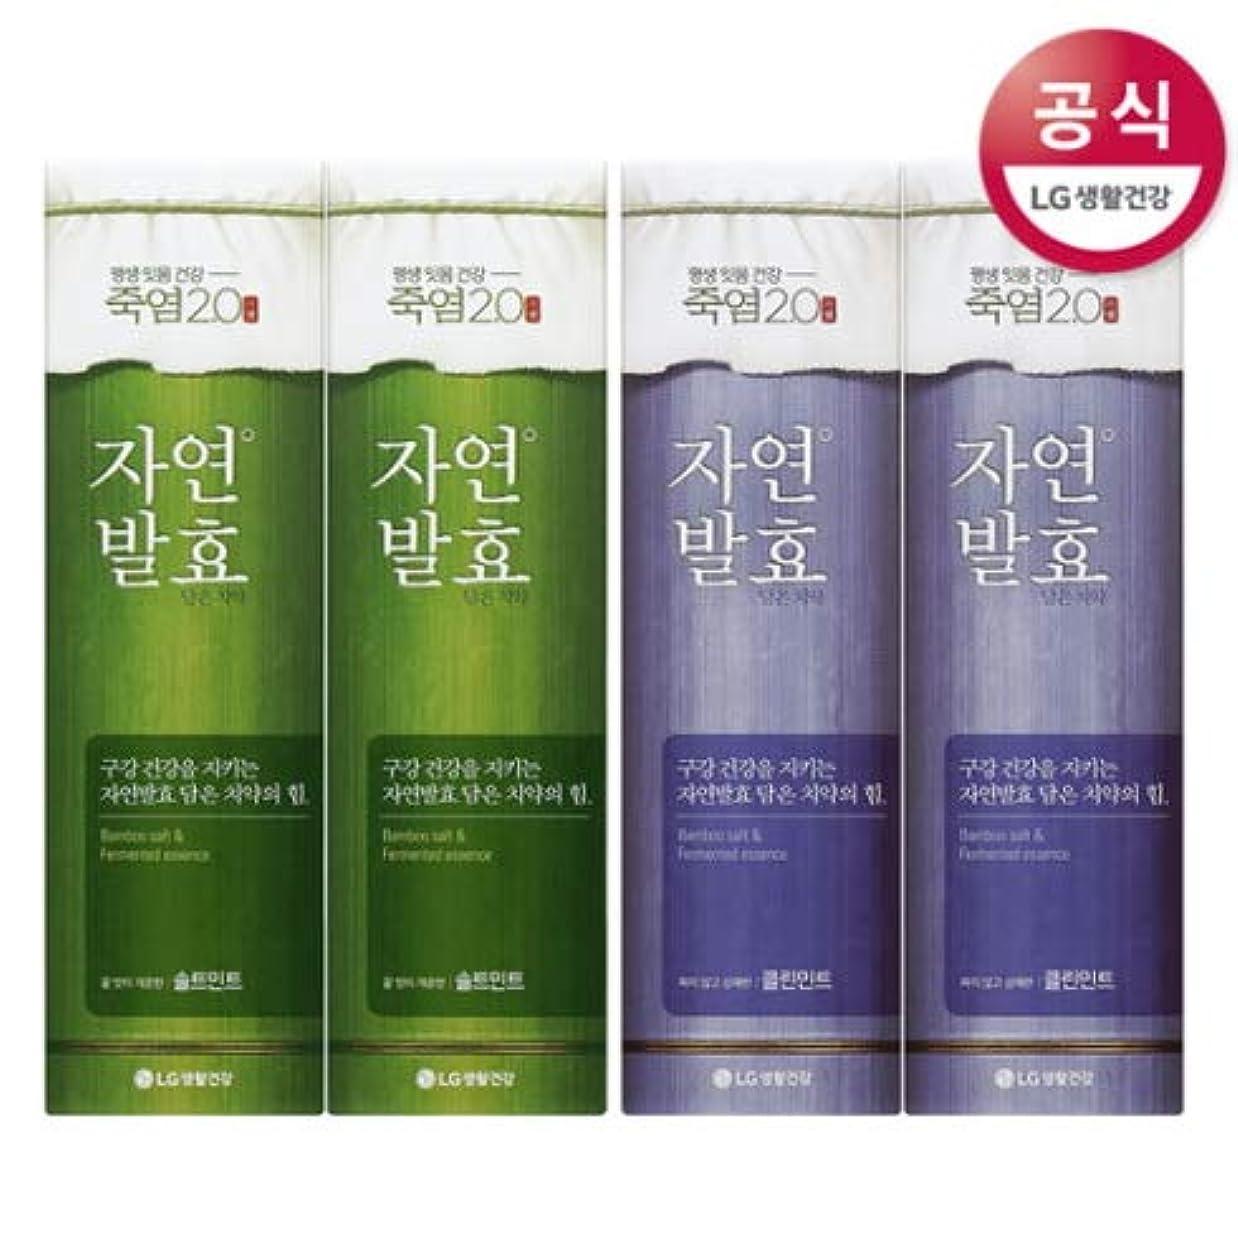 一貫性のない安定したシダ[LG HnB] Bamboo salt natural fermentation toothpaste/竹塩自然発酵入れた歯磨き粉 100gx4個(海外直送品)